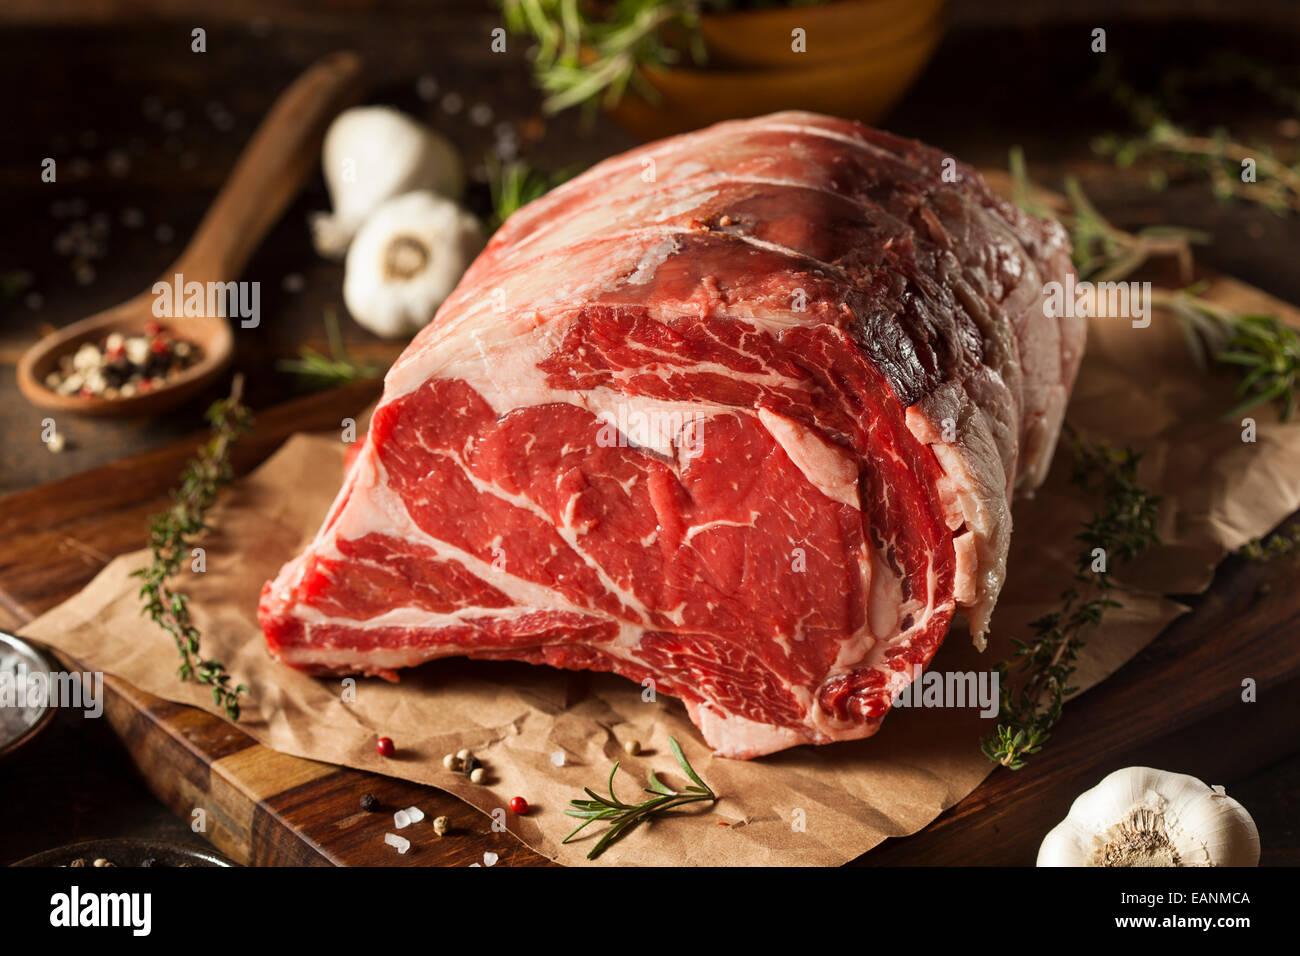 Nourris d'herbe brut Premier viande de côtes avec des herbes et épices Photo Stock